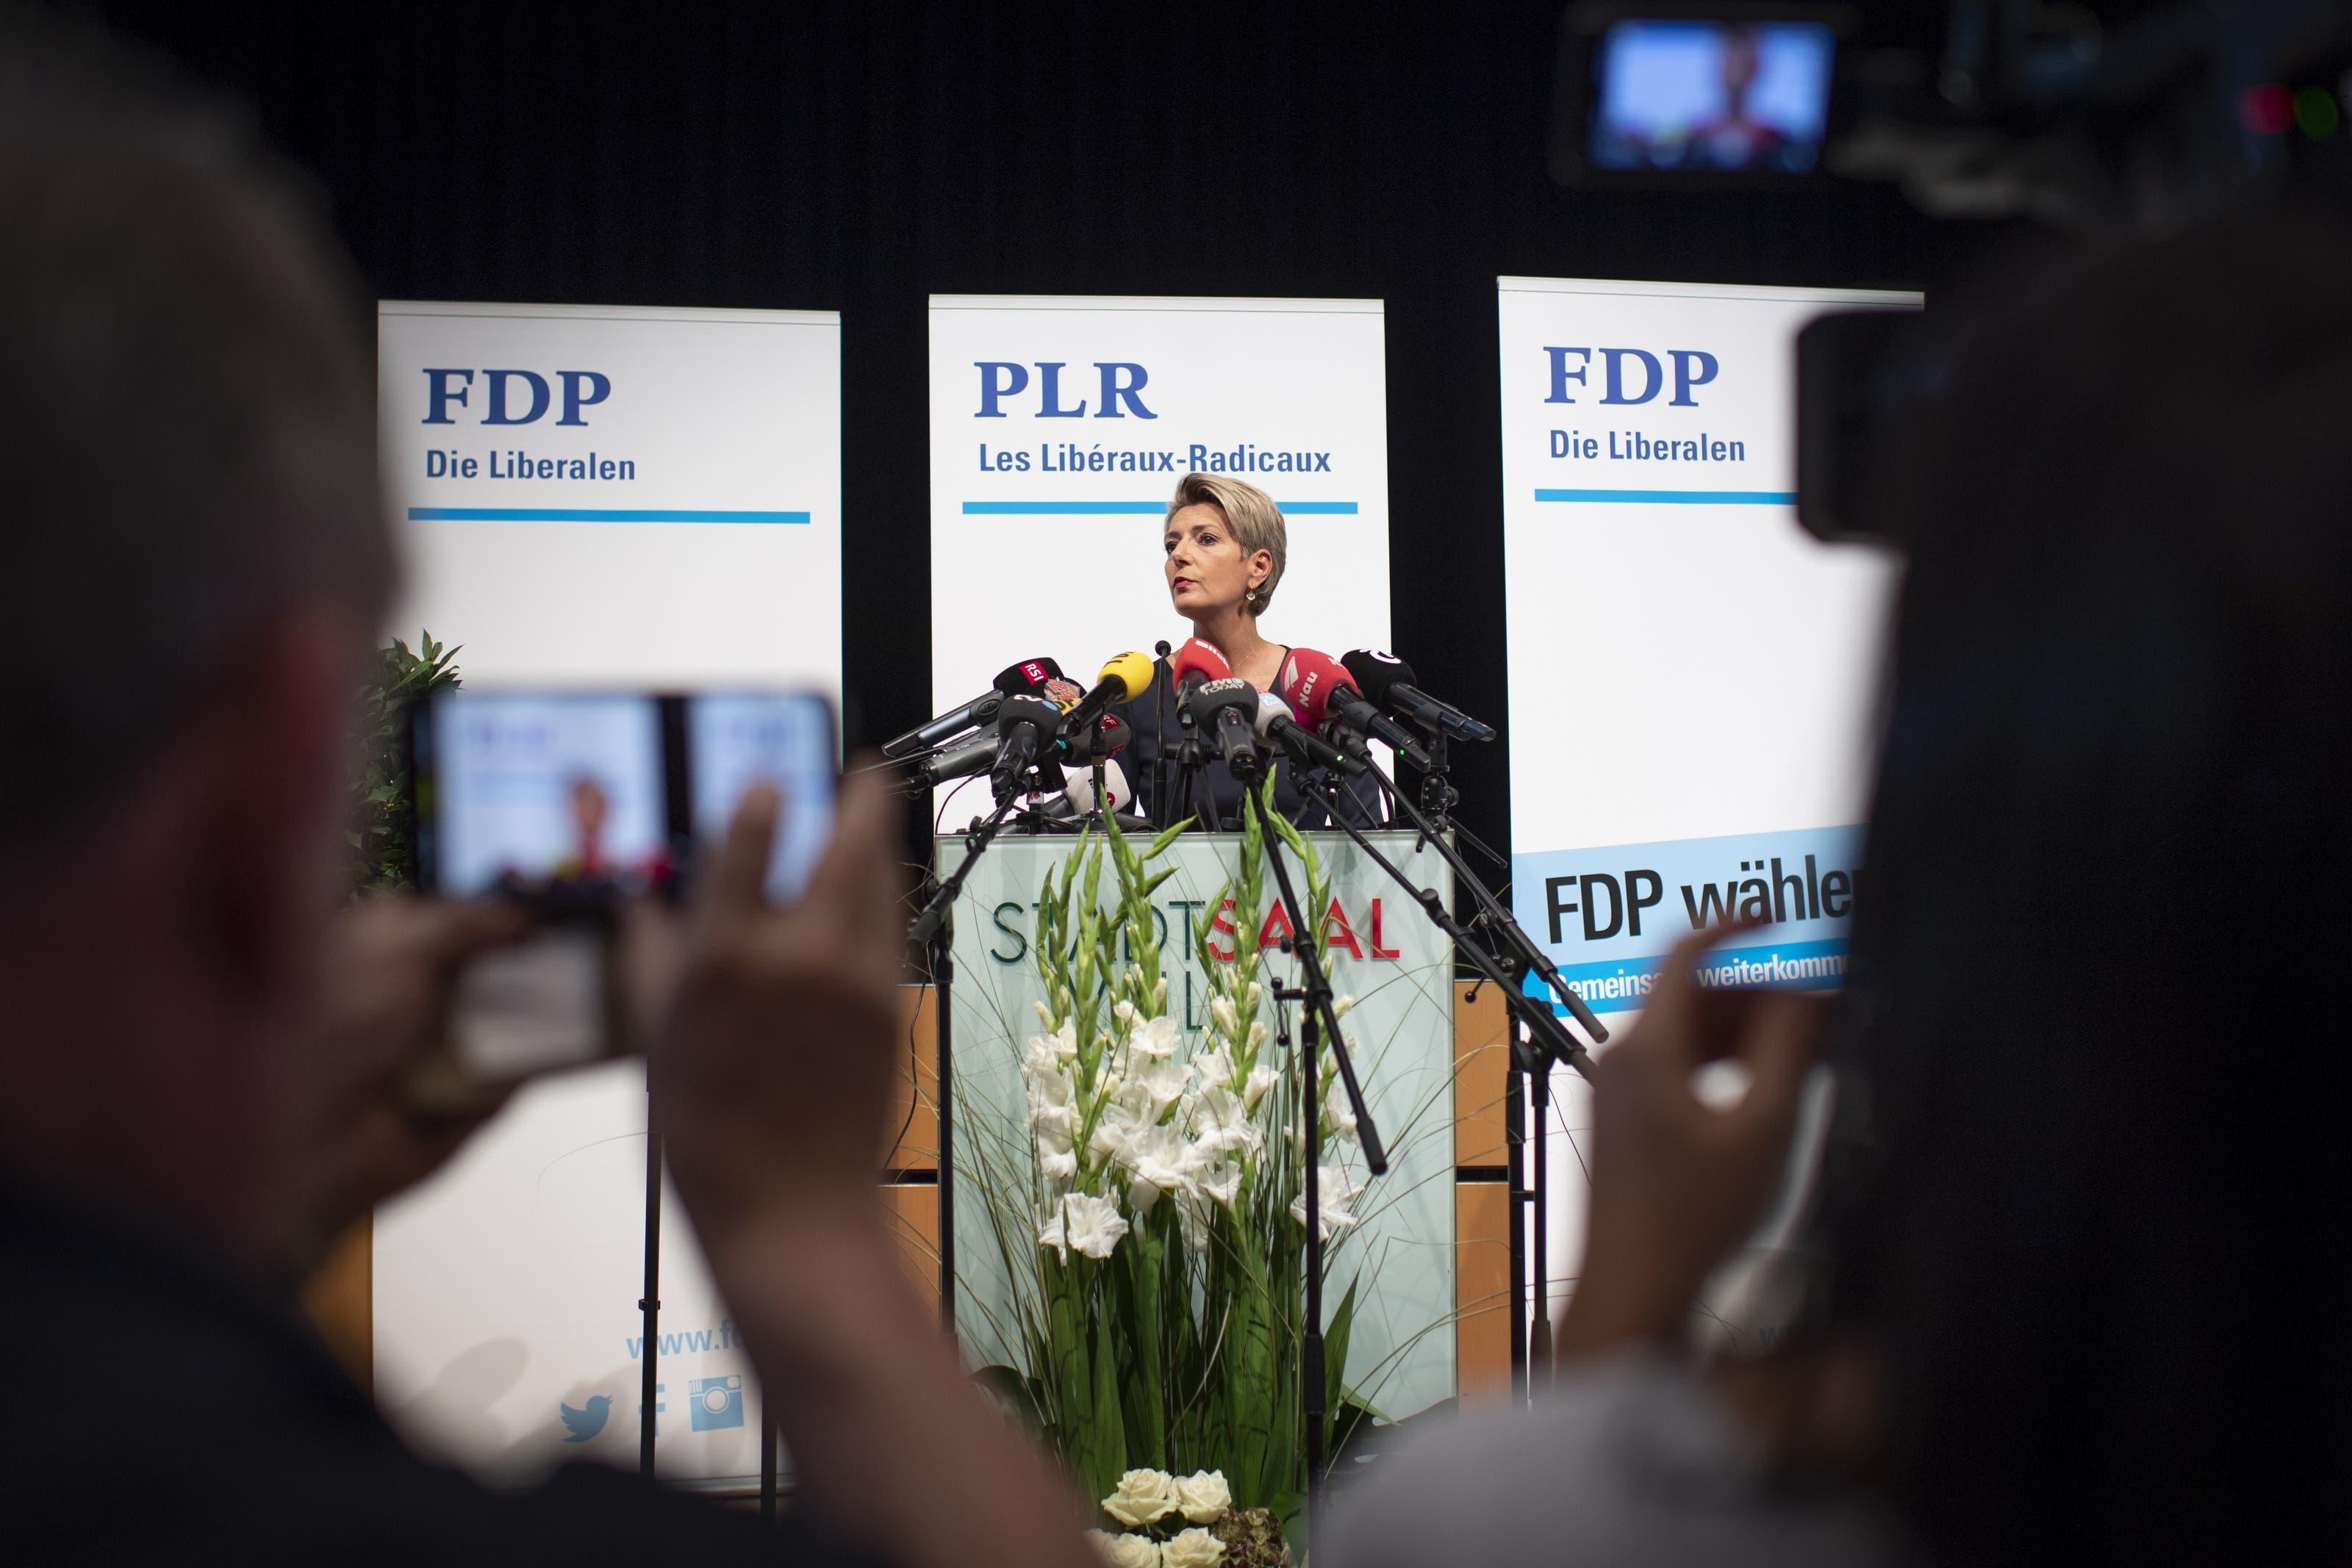 """Nach reiflicher Überlegung habe sie sich für eine Kandidatur entschieden. """"Es wäre mir eine grosse Ehre und Freude, mich für unser Land in dieser verantwortungsvollen Position einzusetzen."""""""